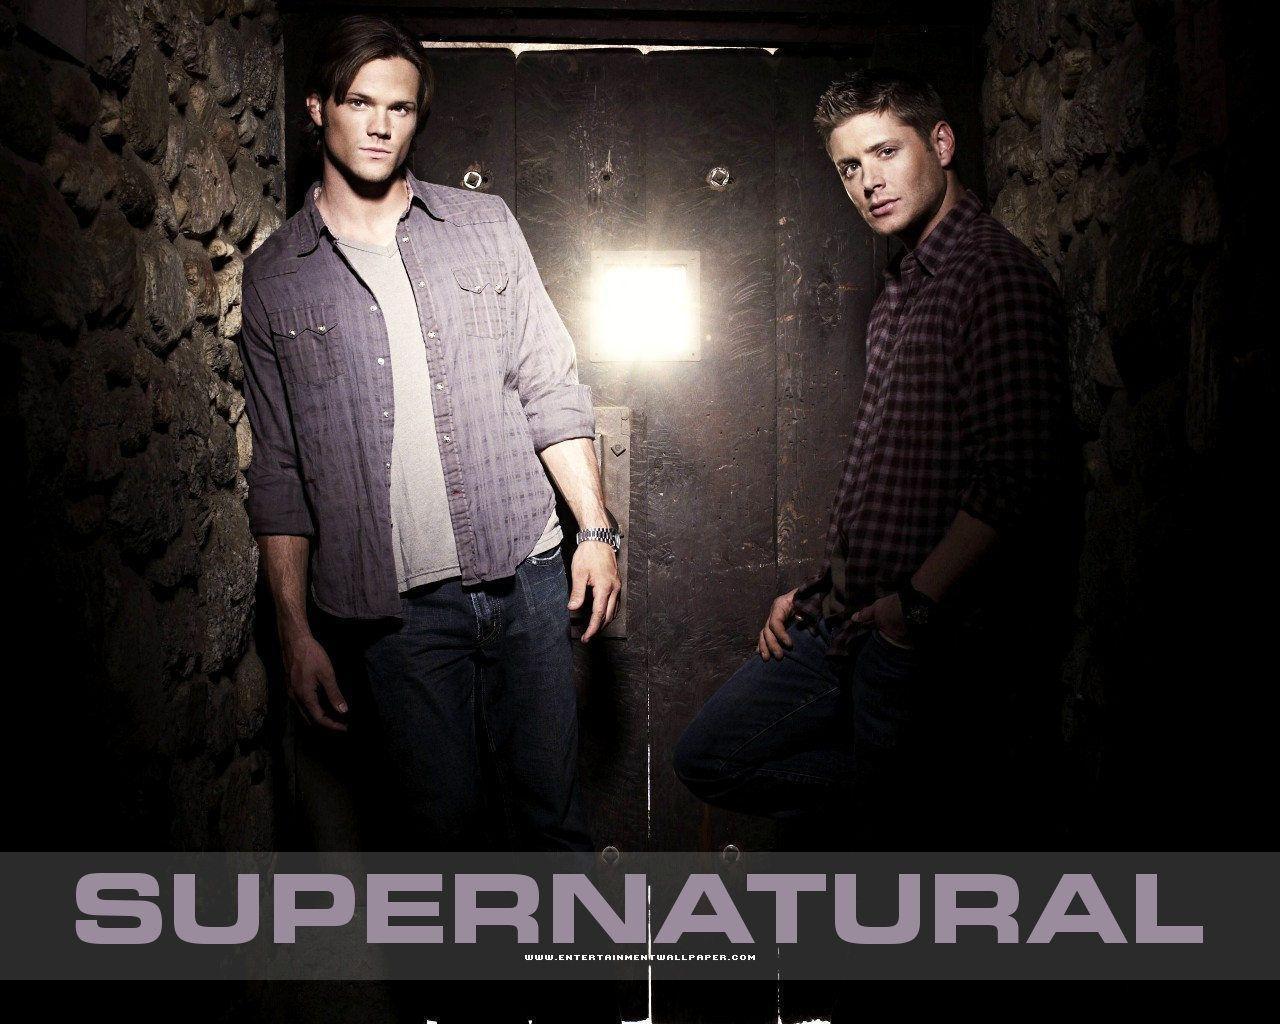 Supernatural wallpapers - Supernatural characters Wallpaper .